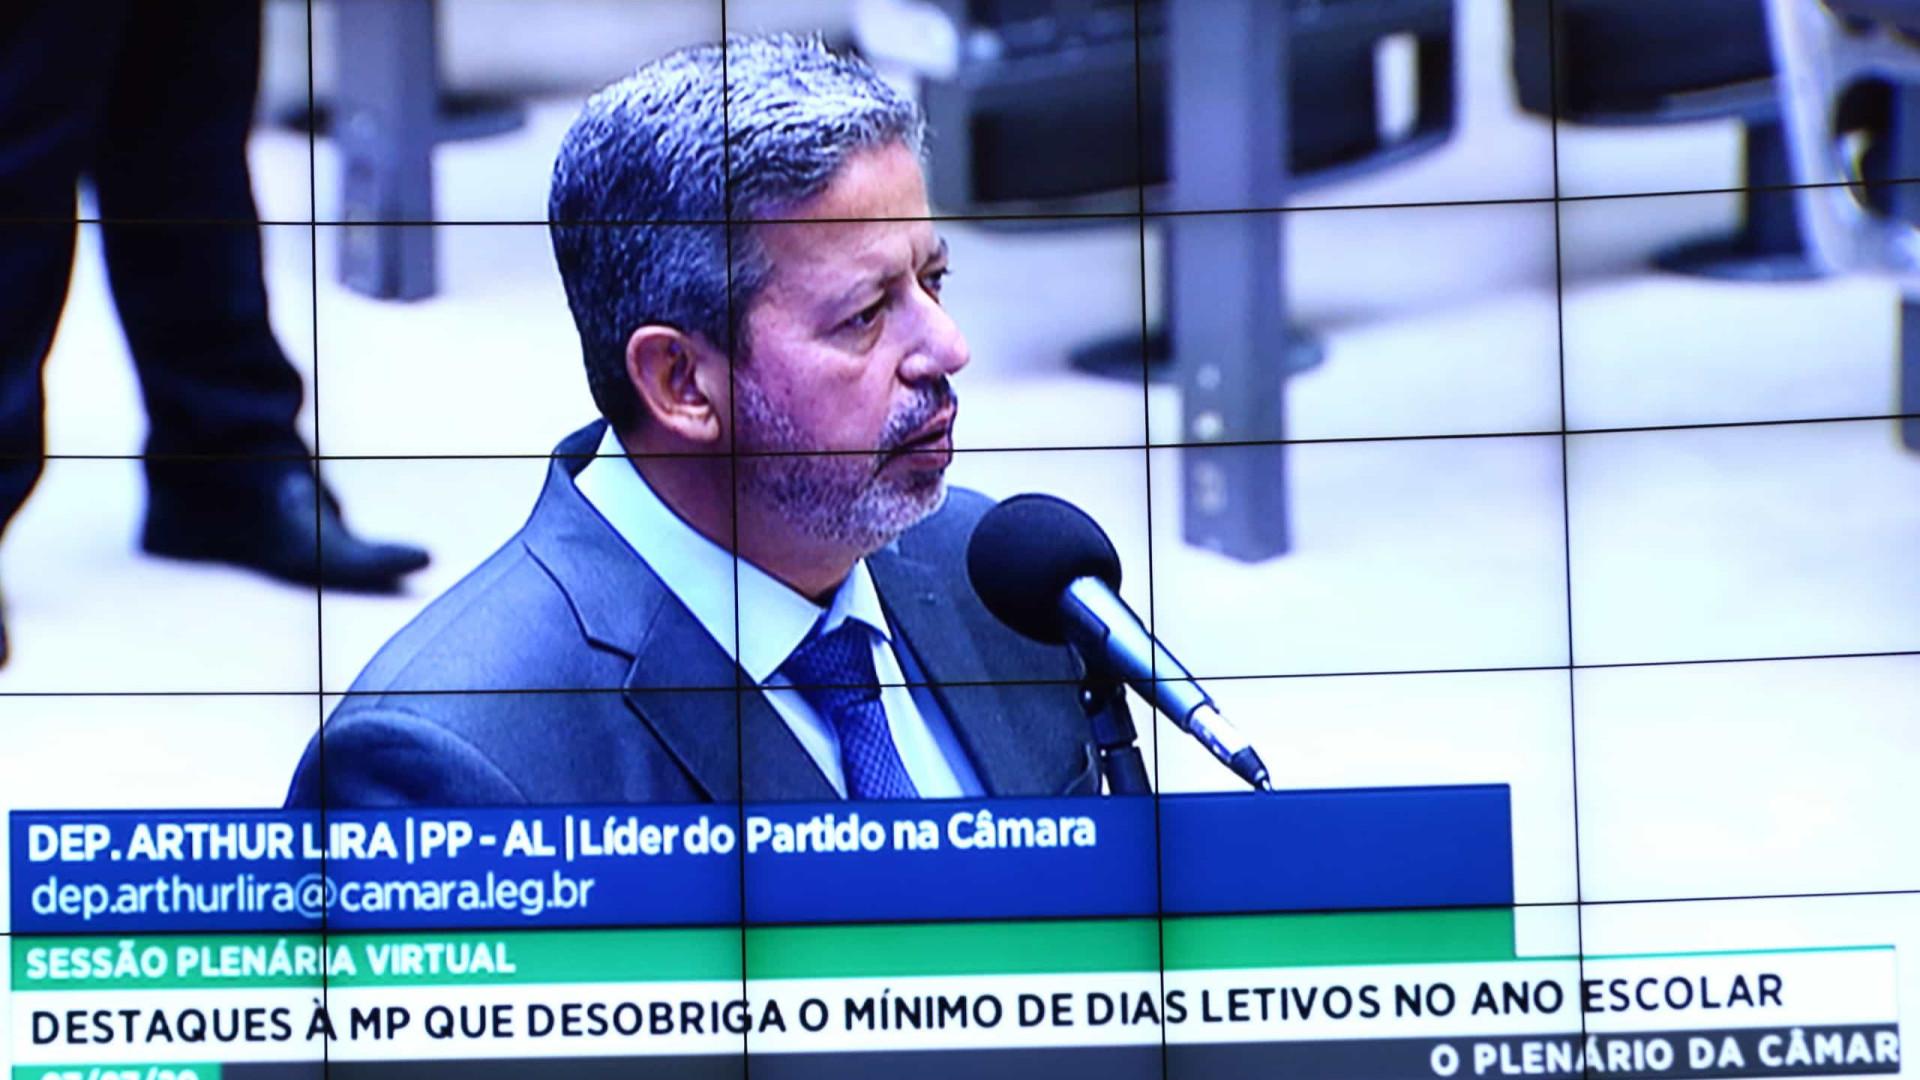 Lira diz que pauta privatização da Eletrobras se proposta tiver apoio da maioria